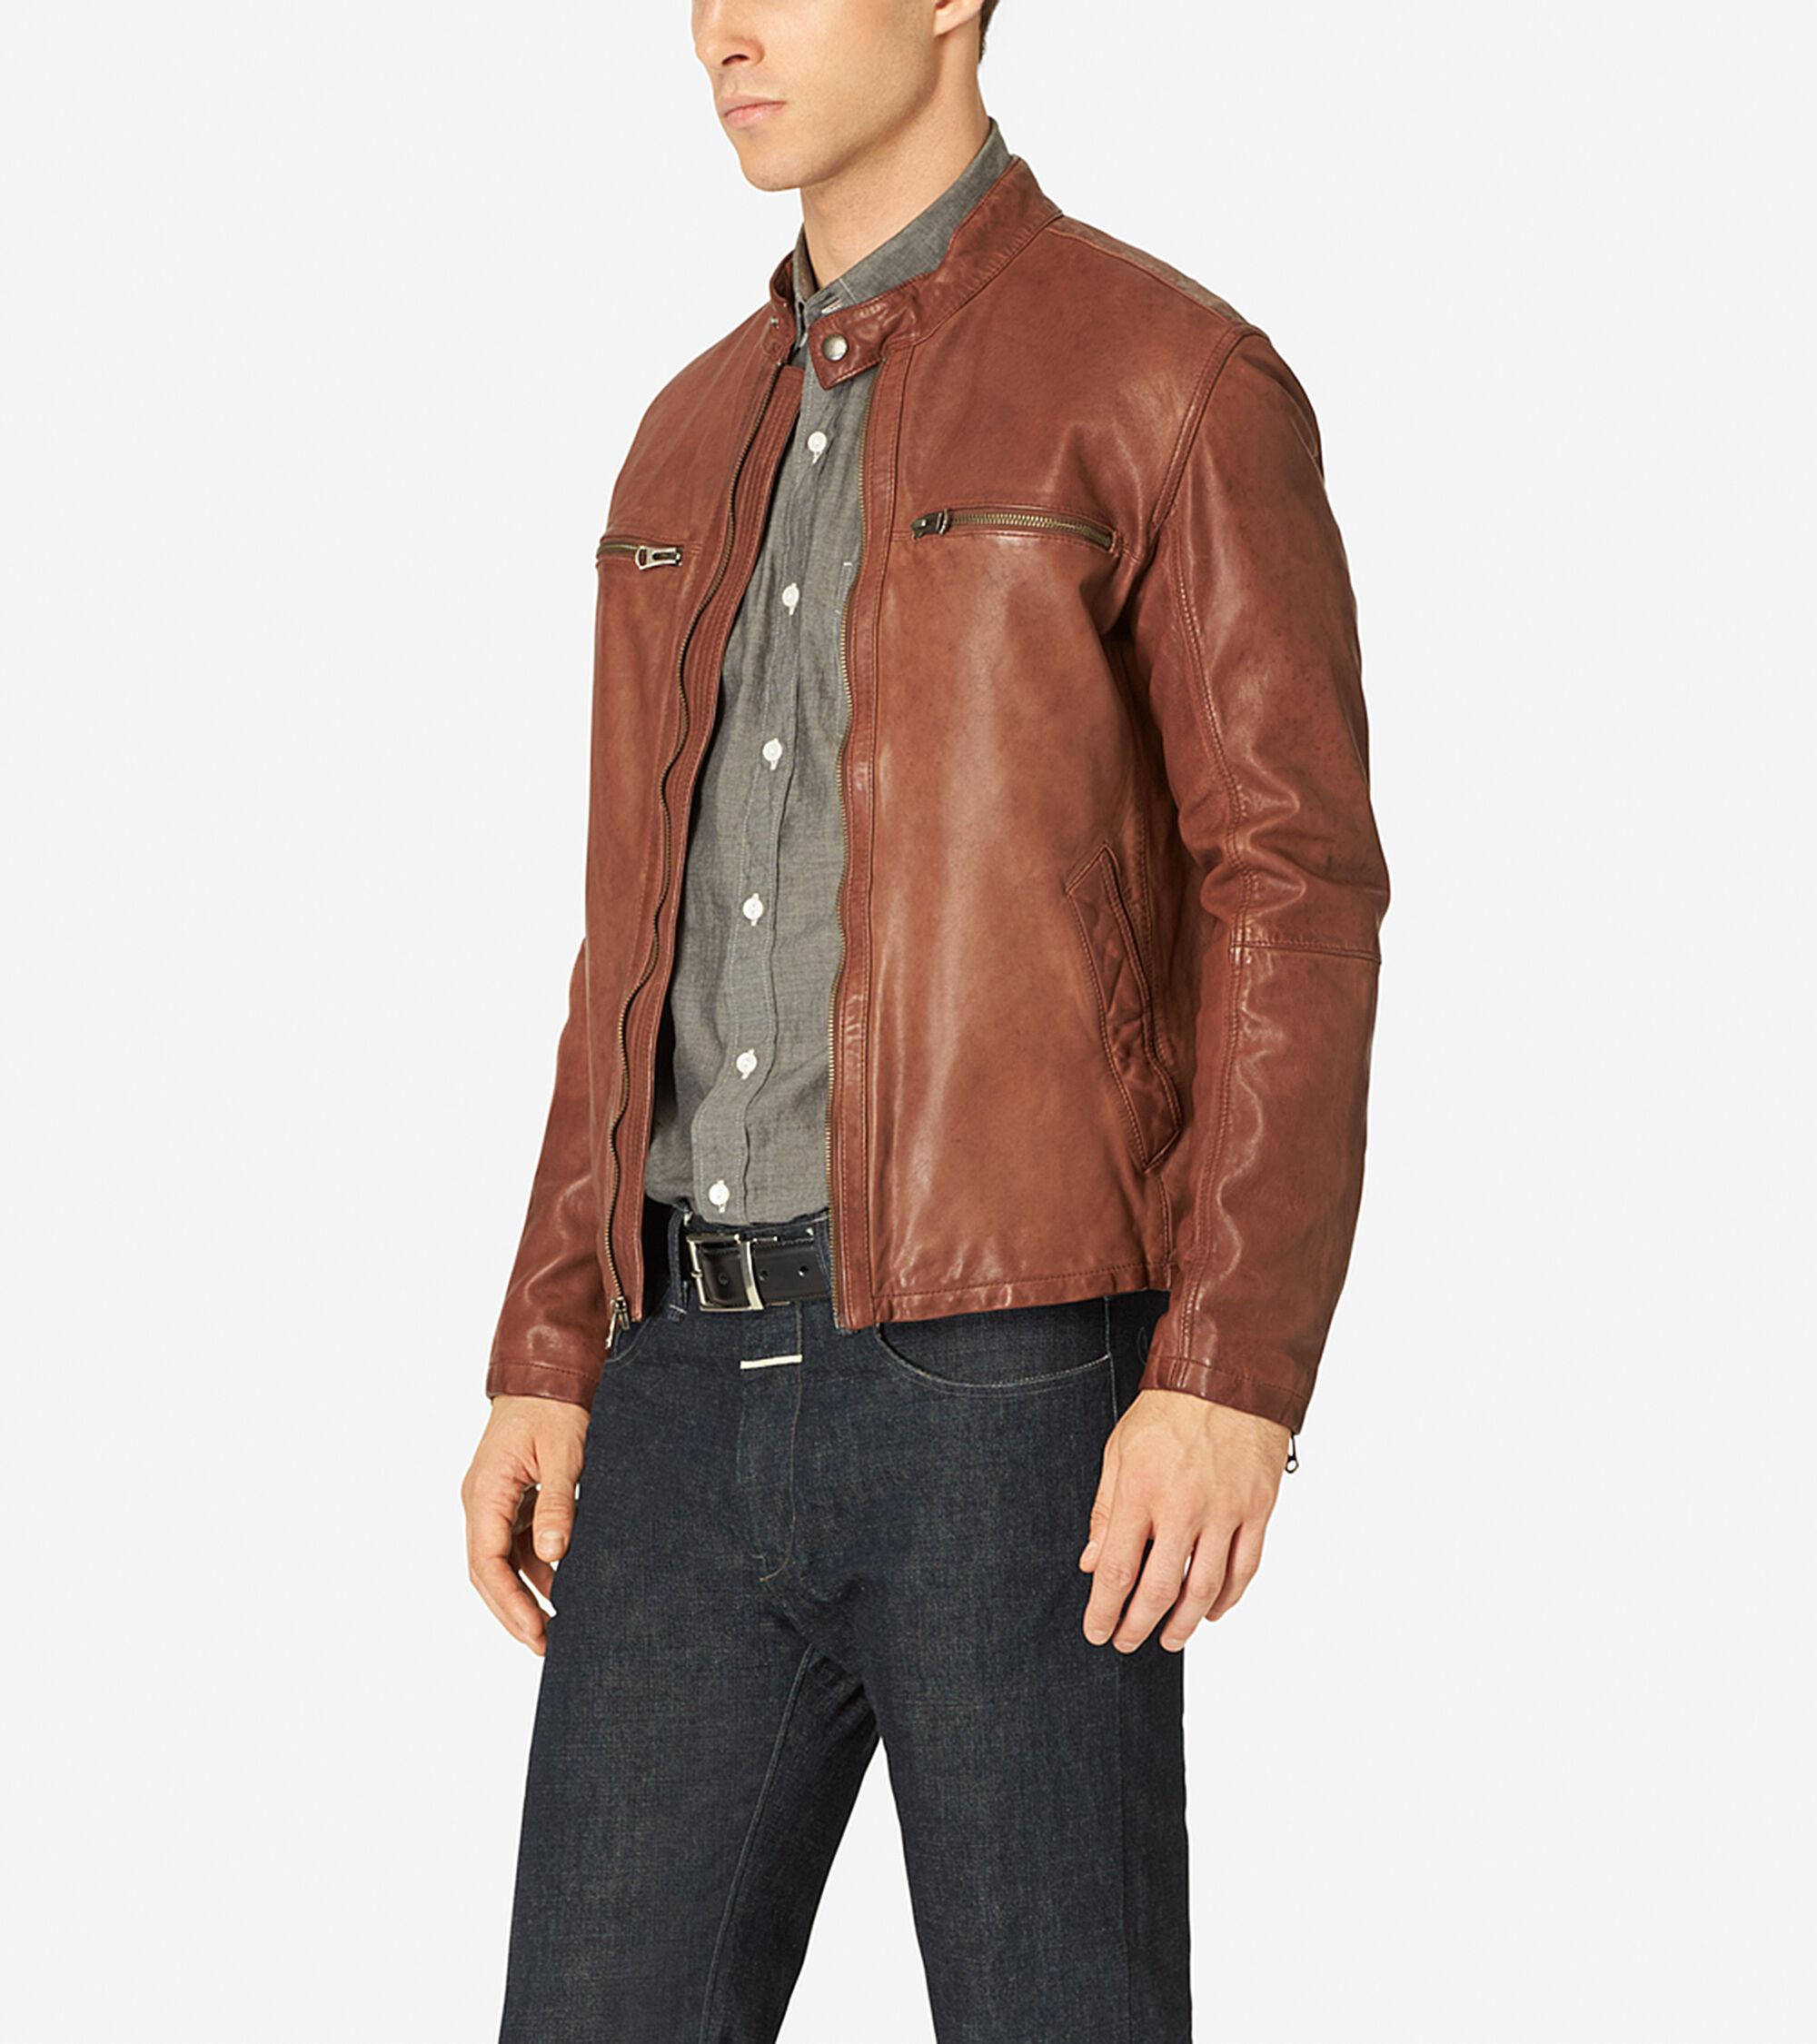 Moto jacket leather